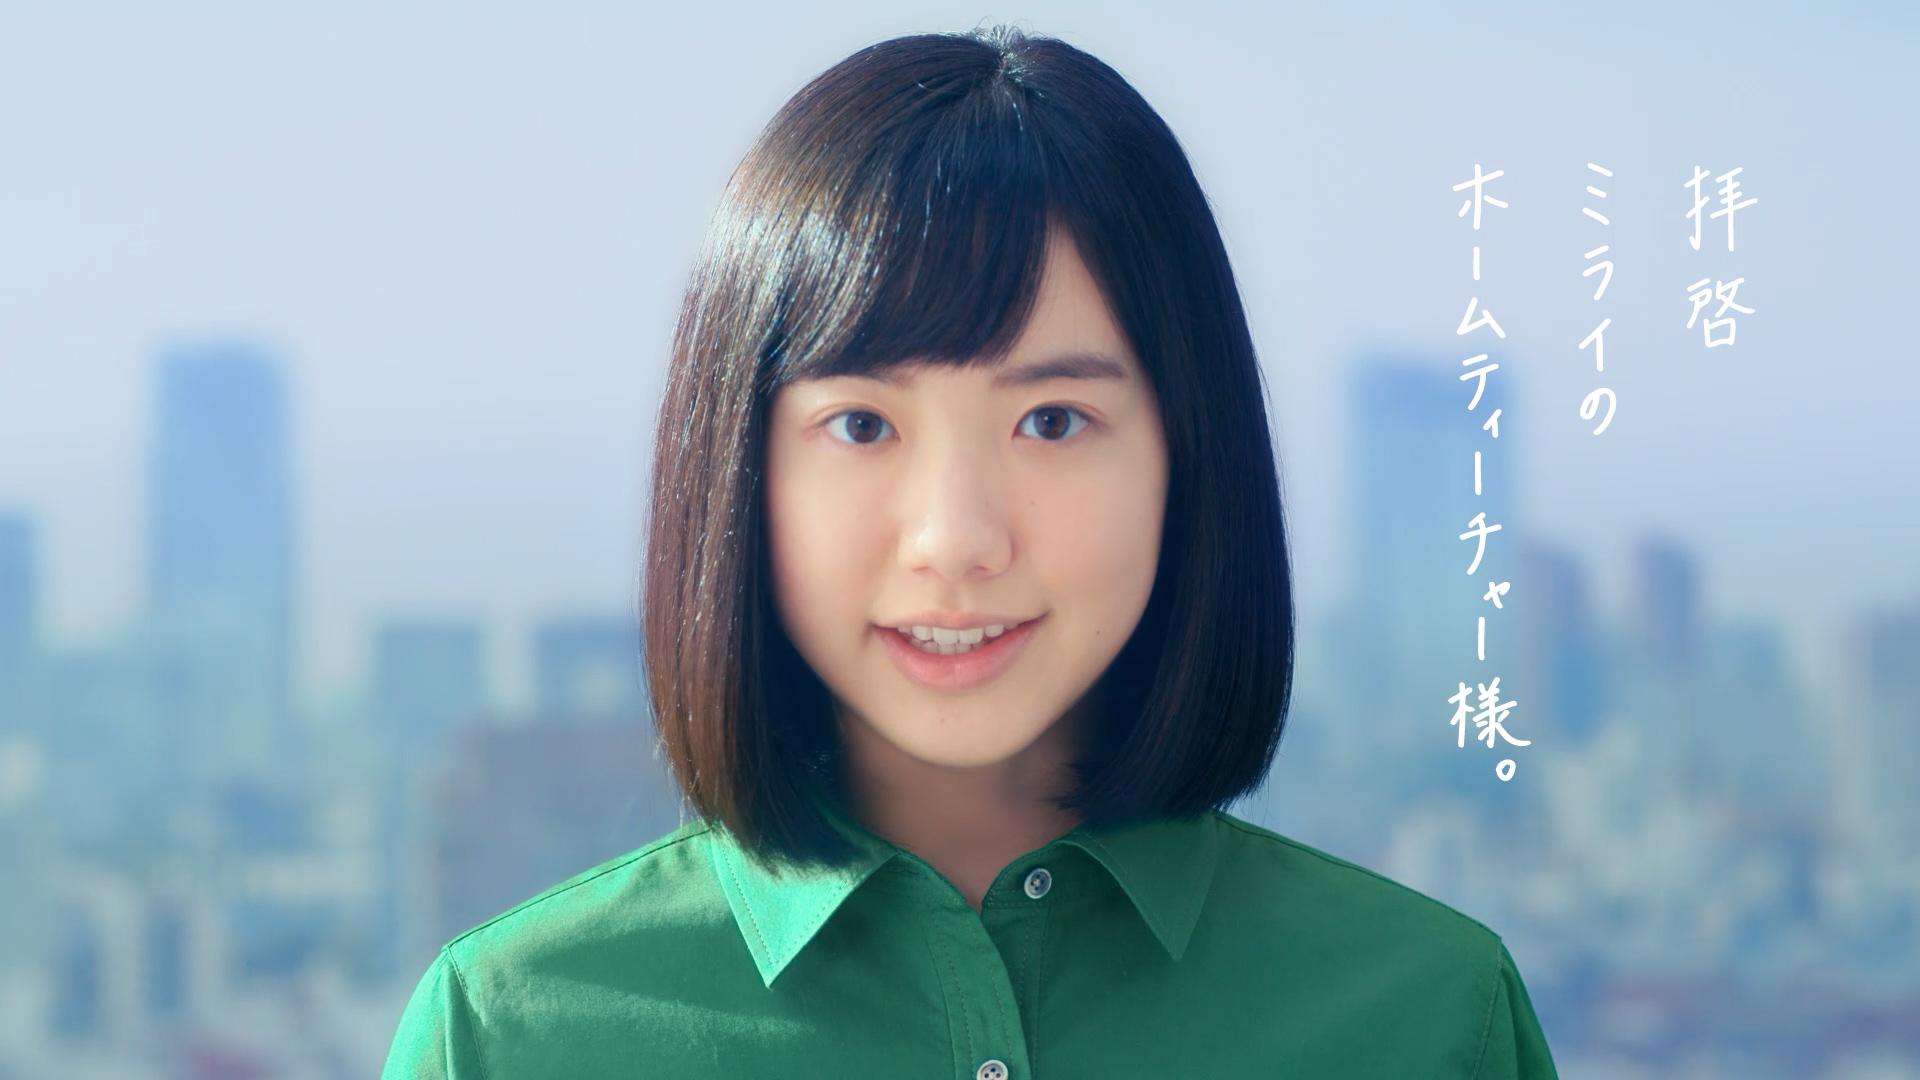 芦田愛菜、新TVCMの姿が大人っぽくて凛々しい<ECCジュニア >